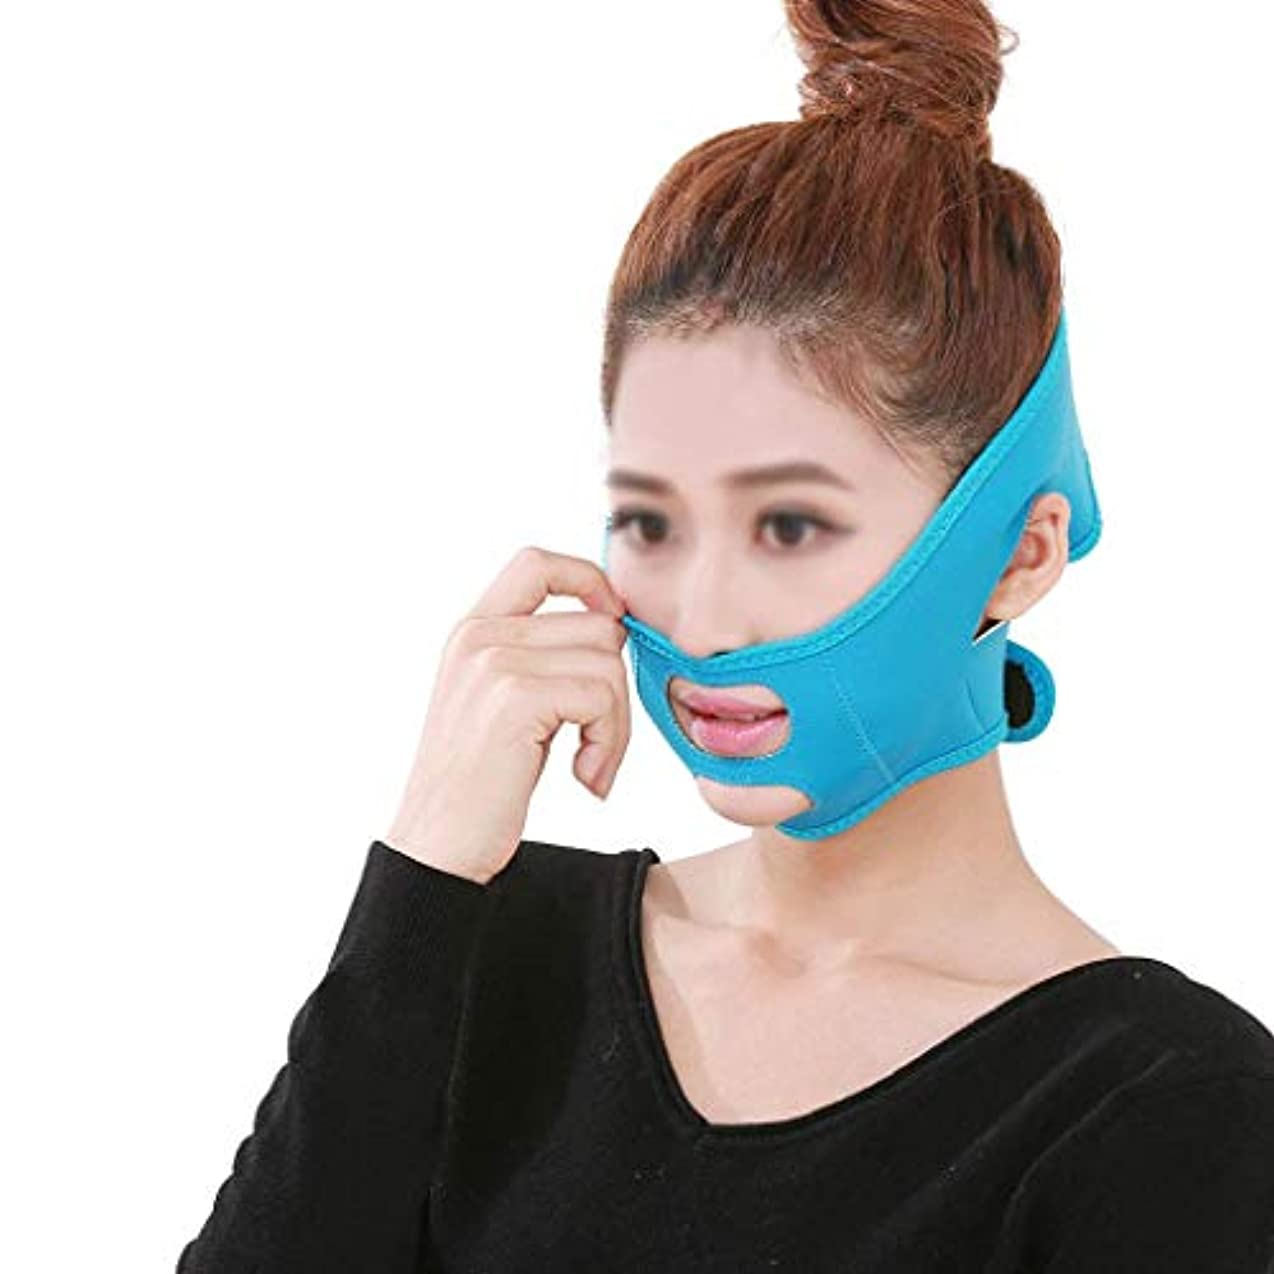 ホイットニー傾向がある事業フェイスシンフェイスマスク包帯スモールフェイスVフェイスシンフェイス付き二重あごフェイスリフティングツール